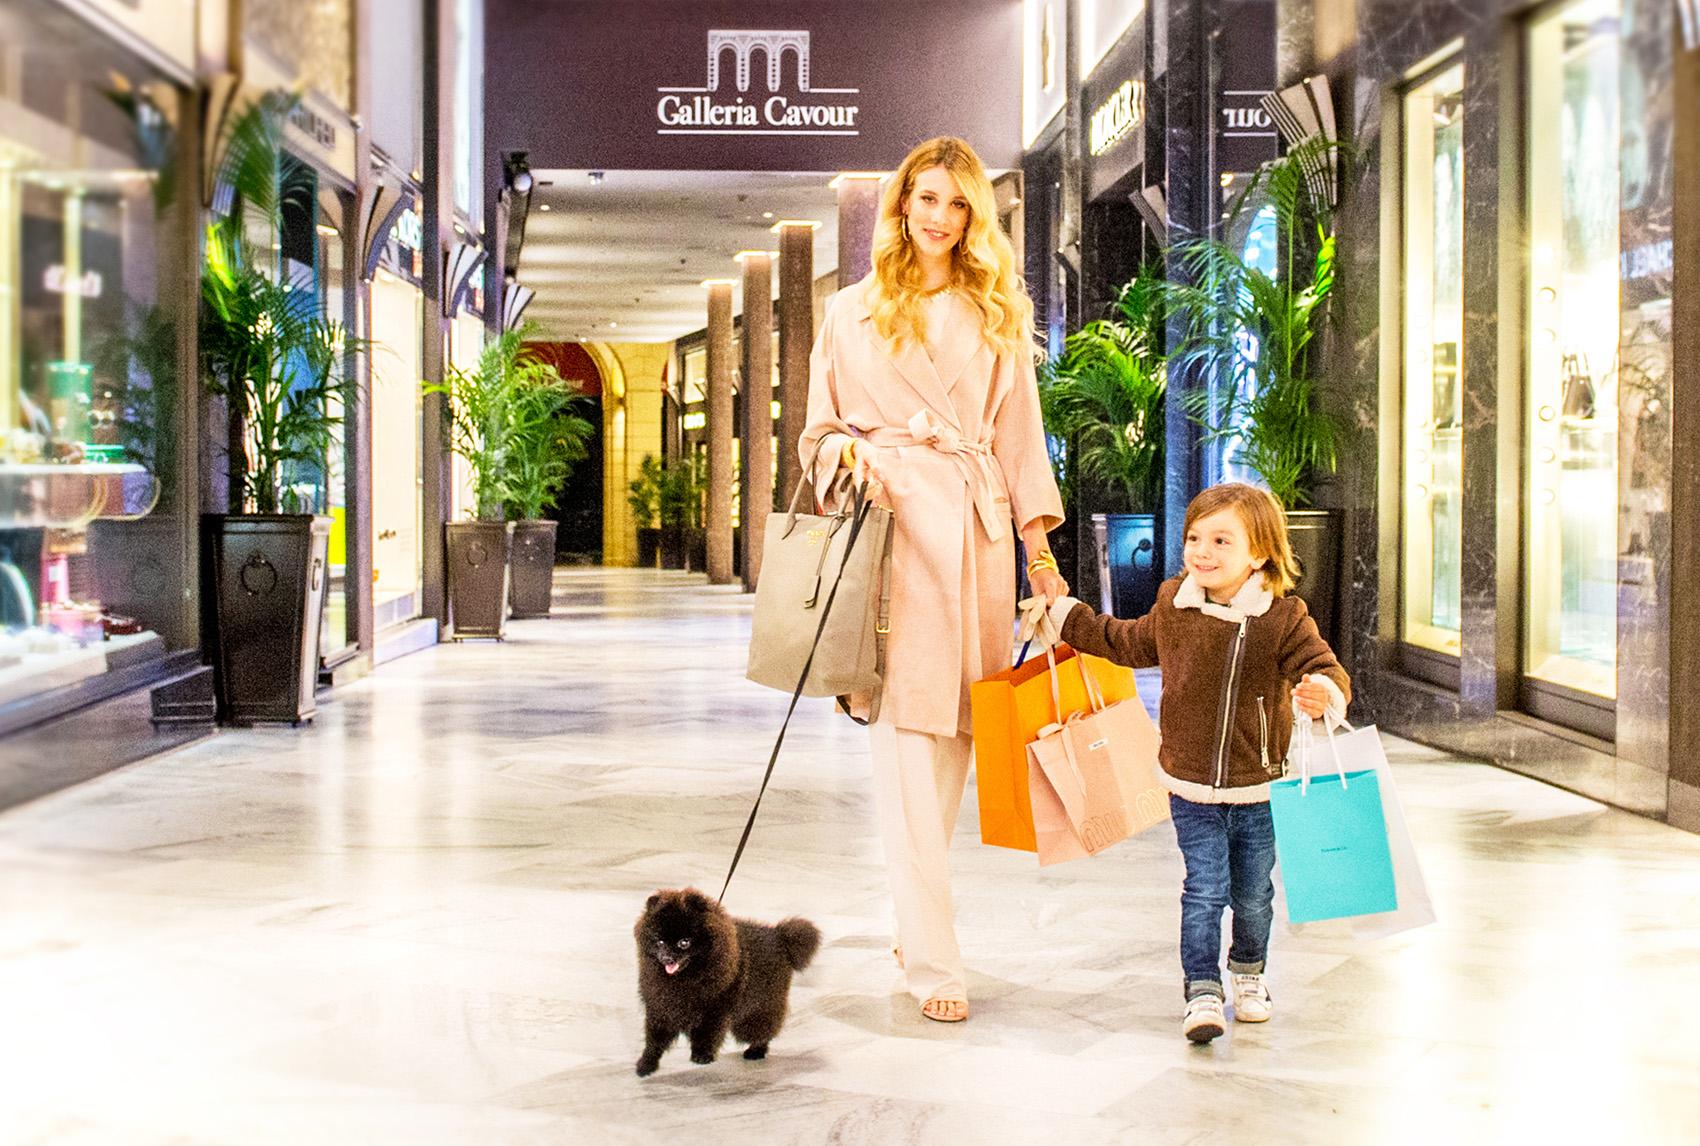 Galleria Cavour - Brand